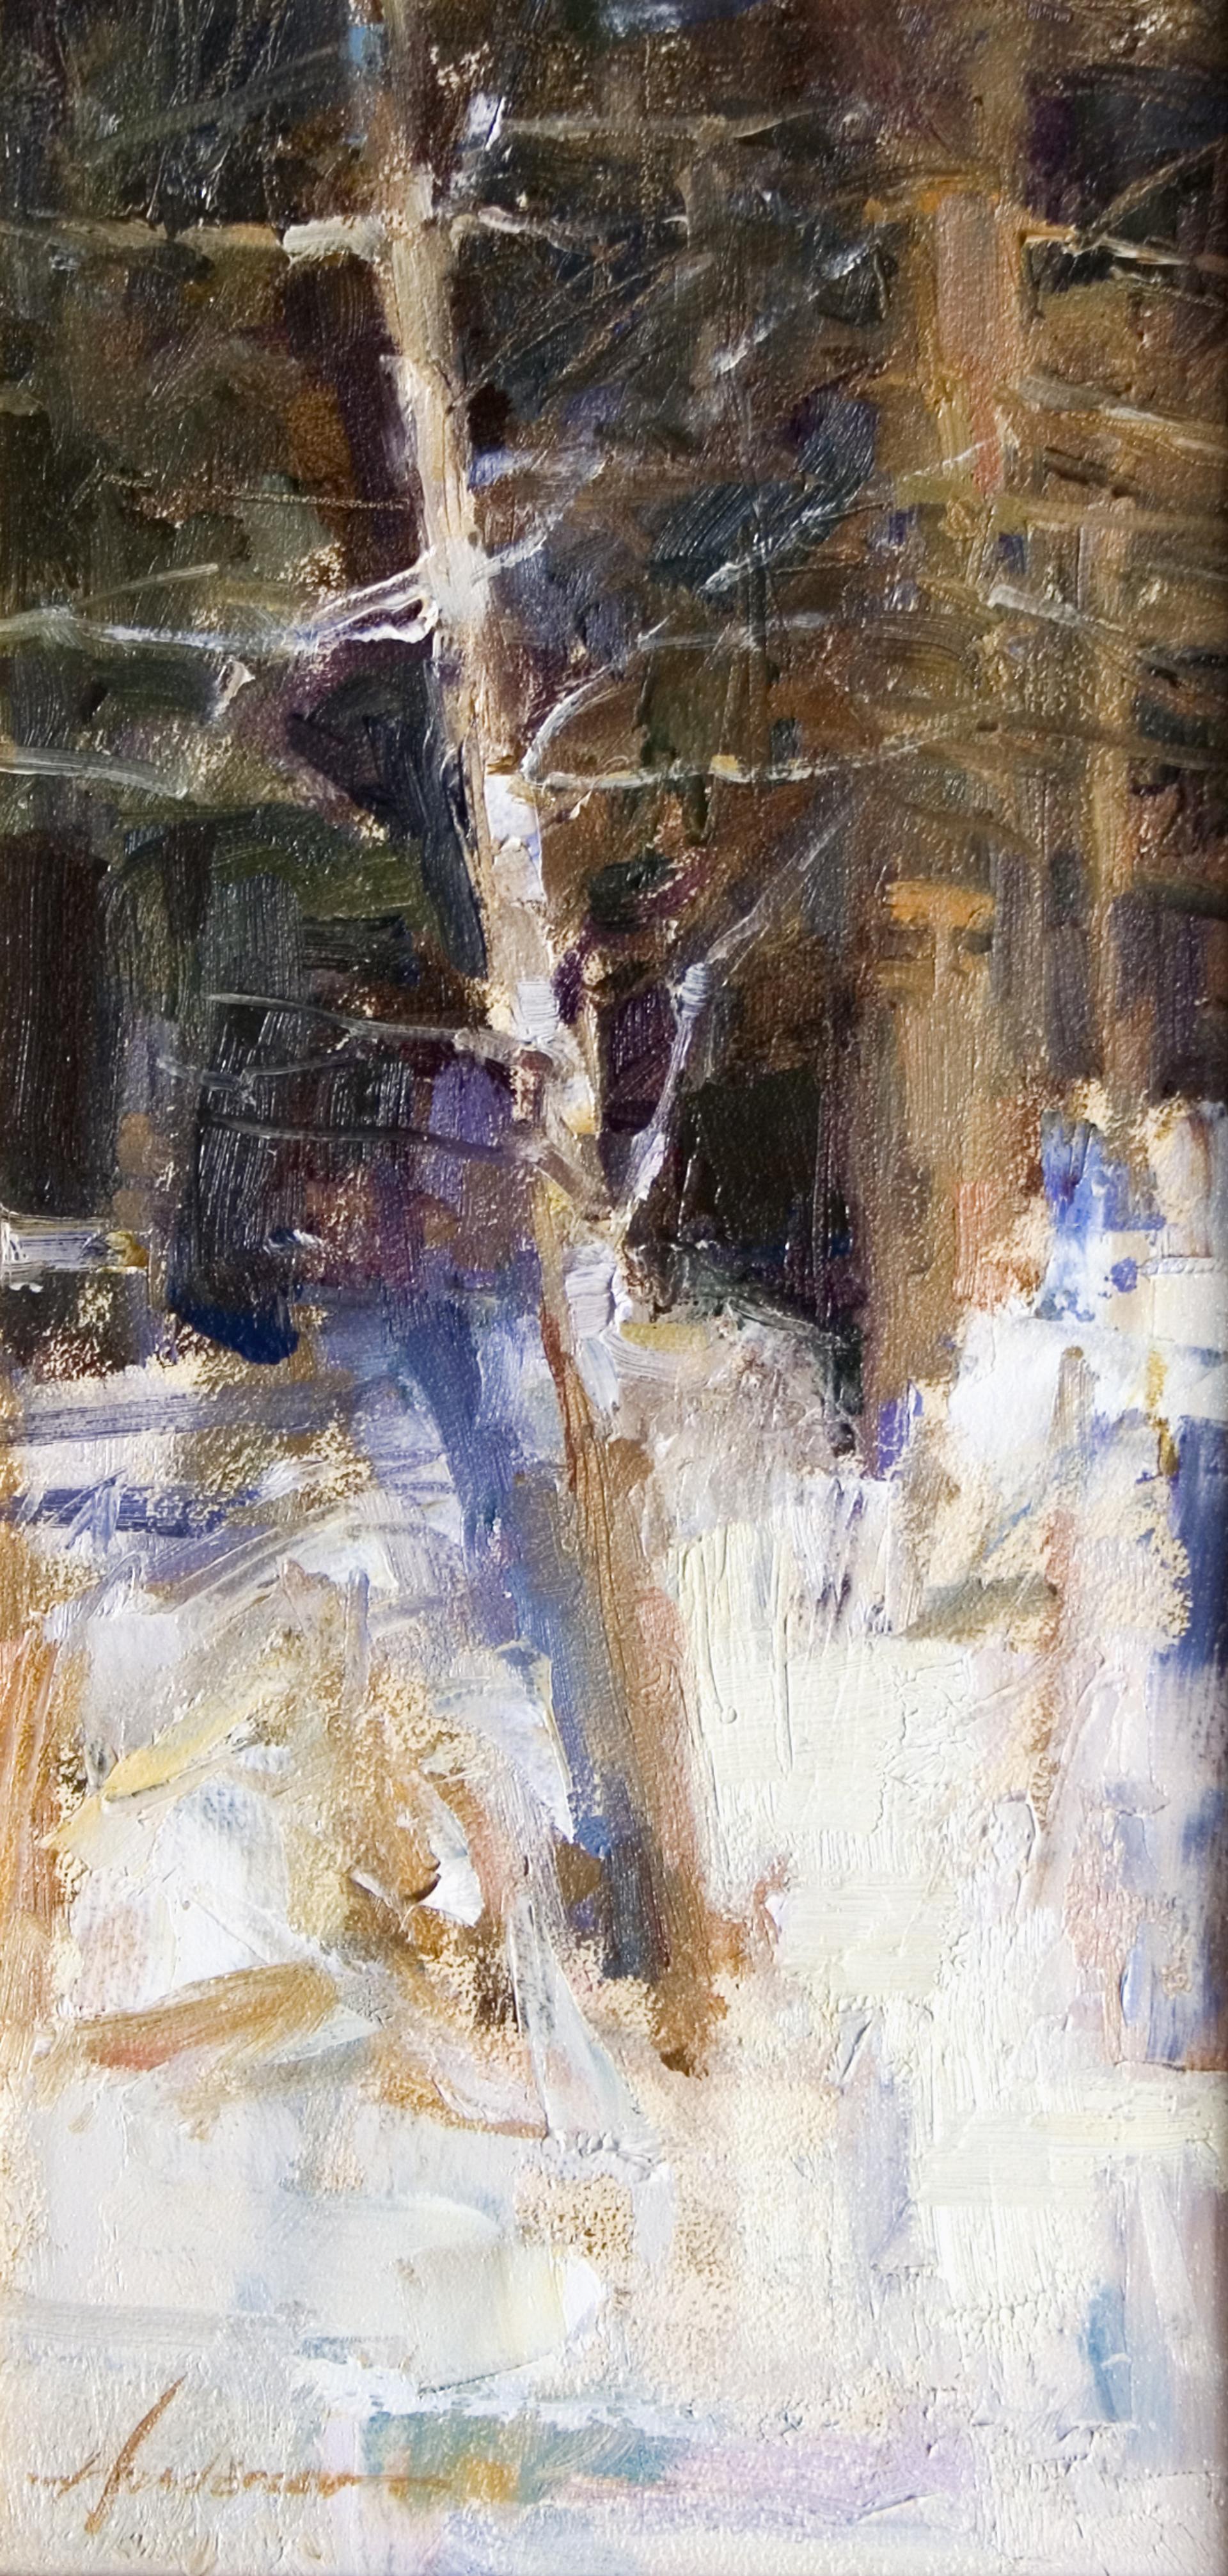 Winter Warmth by Carolyn Anderson